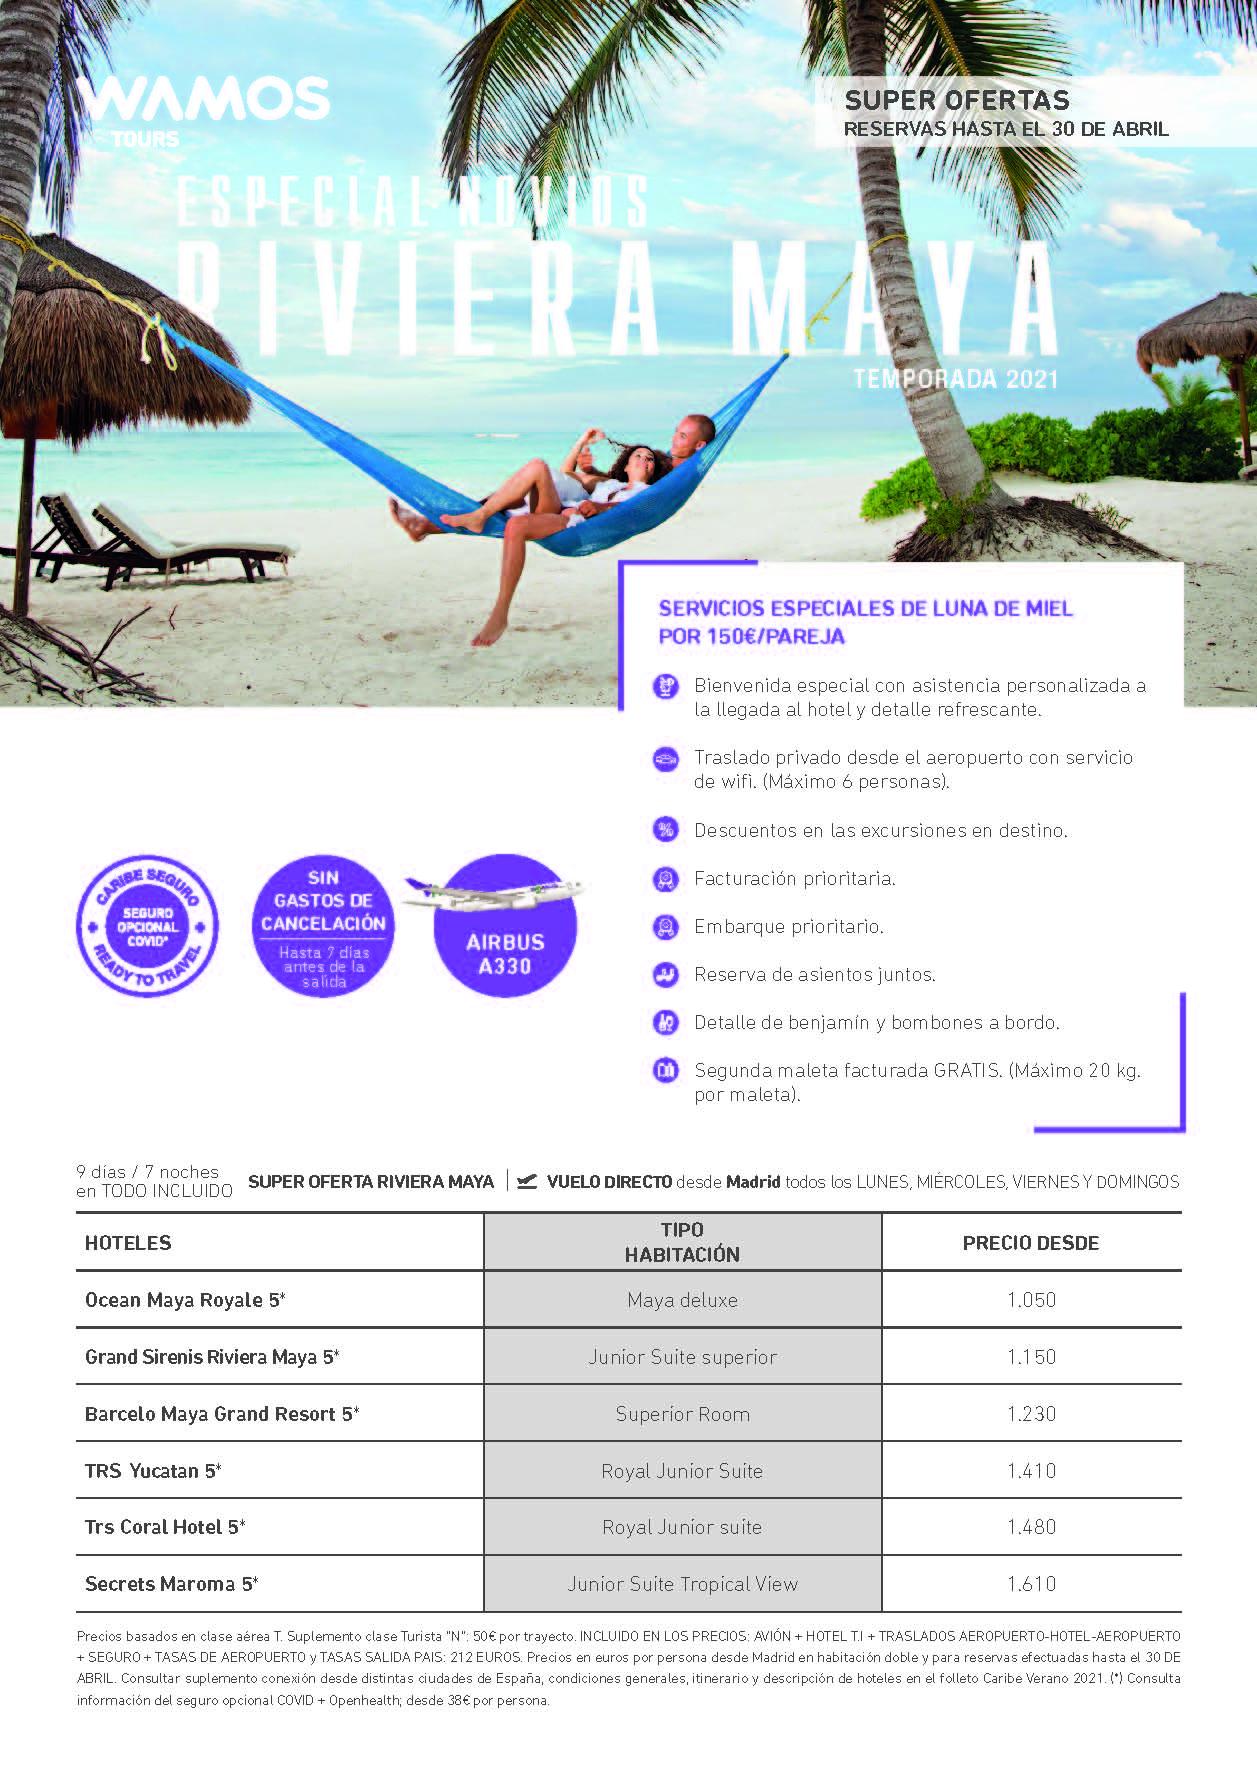 Oferta Wamos Tours Servicios Especiales Novios Riviera Maya Verano 2021